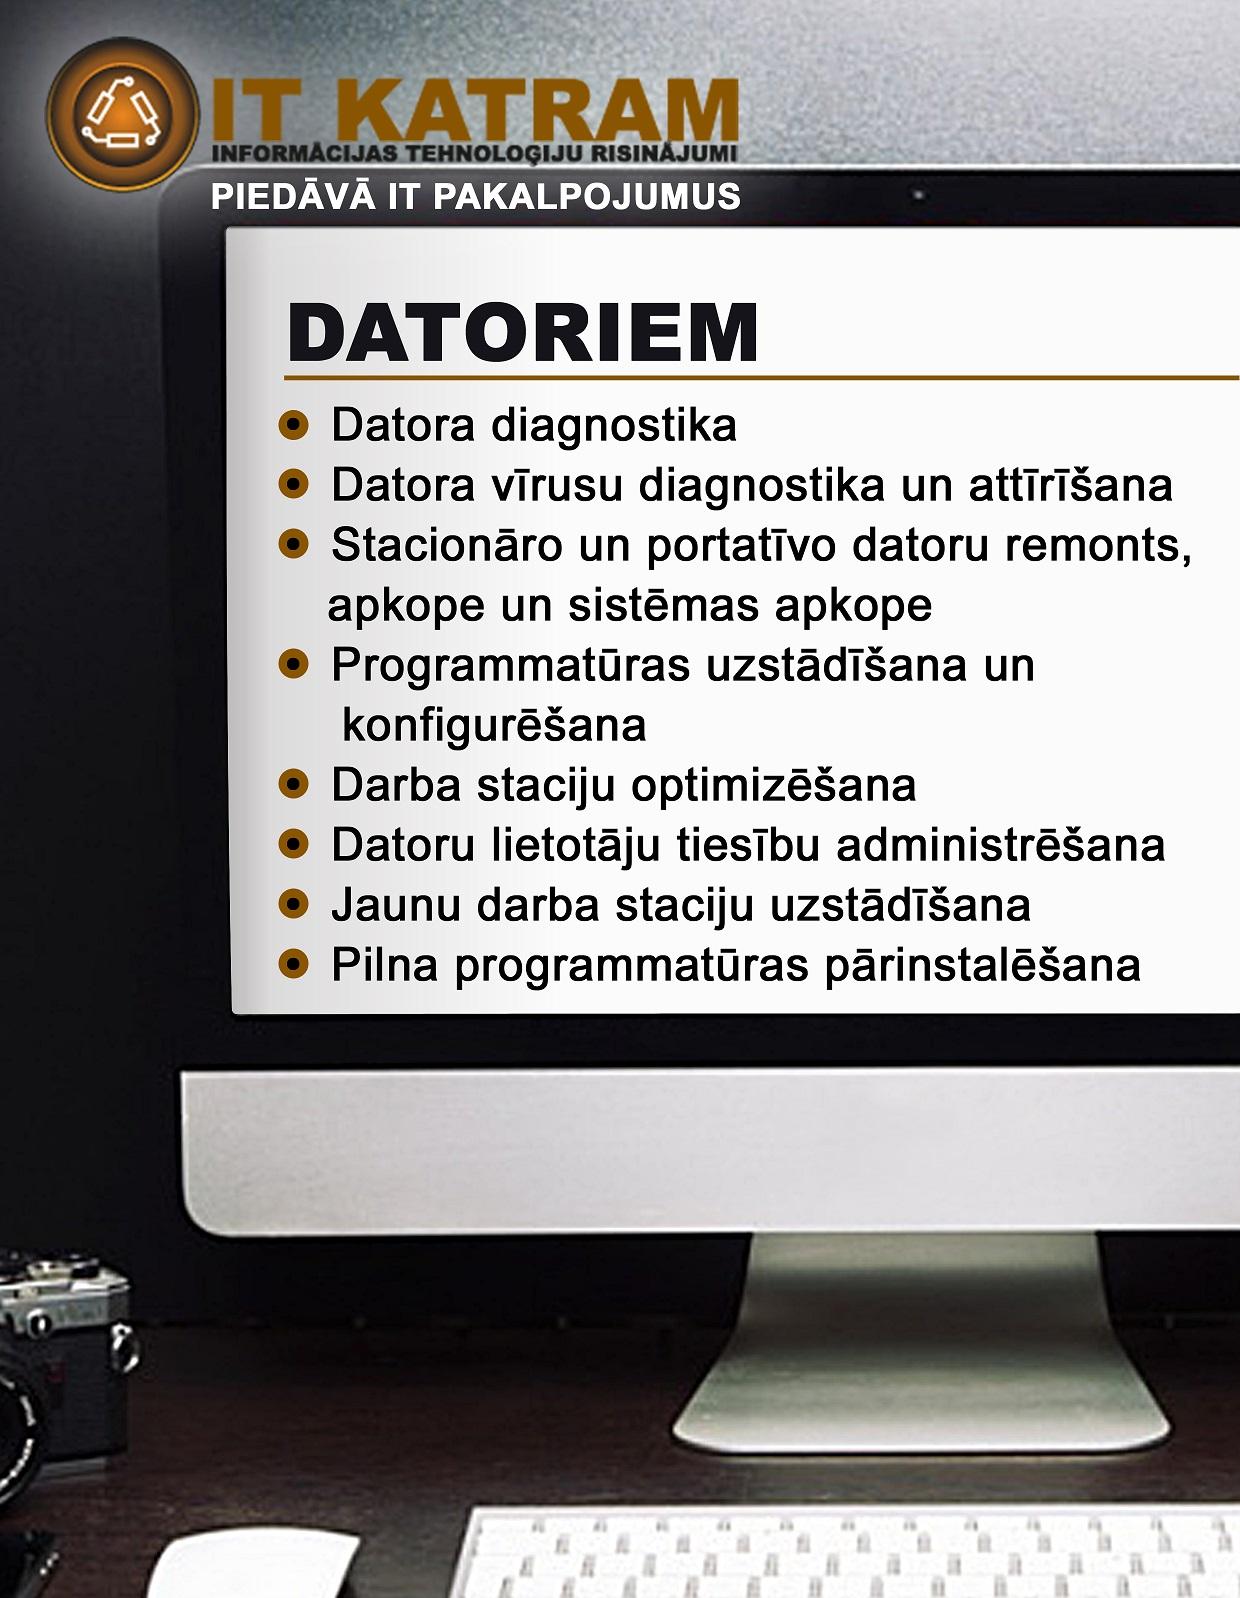 DATORI2